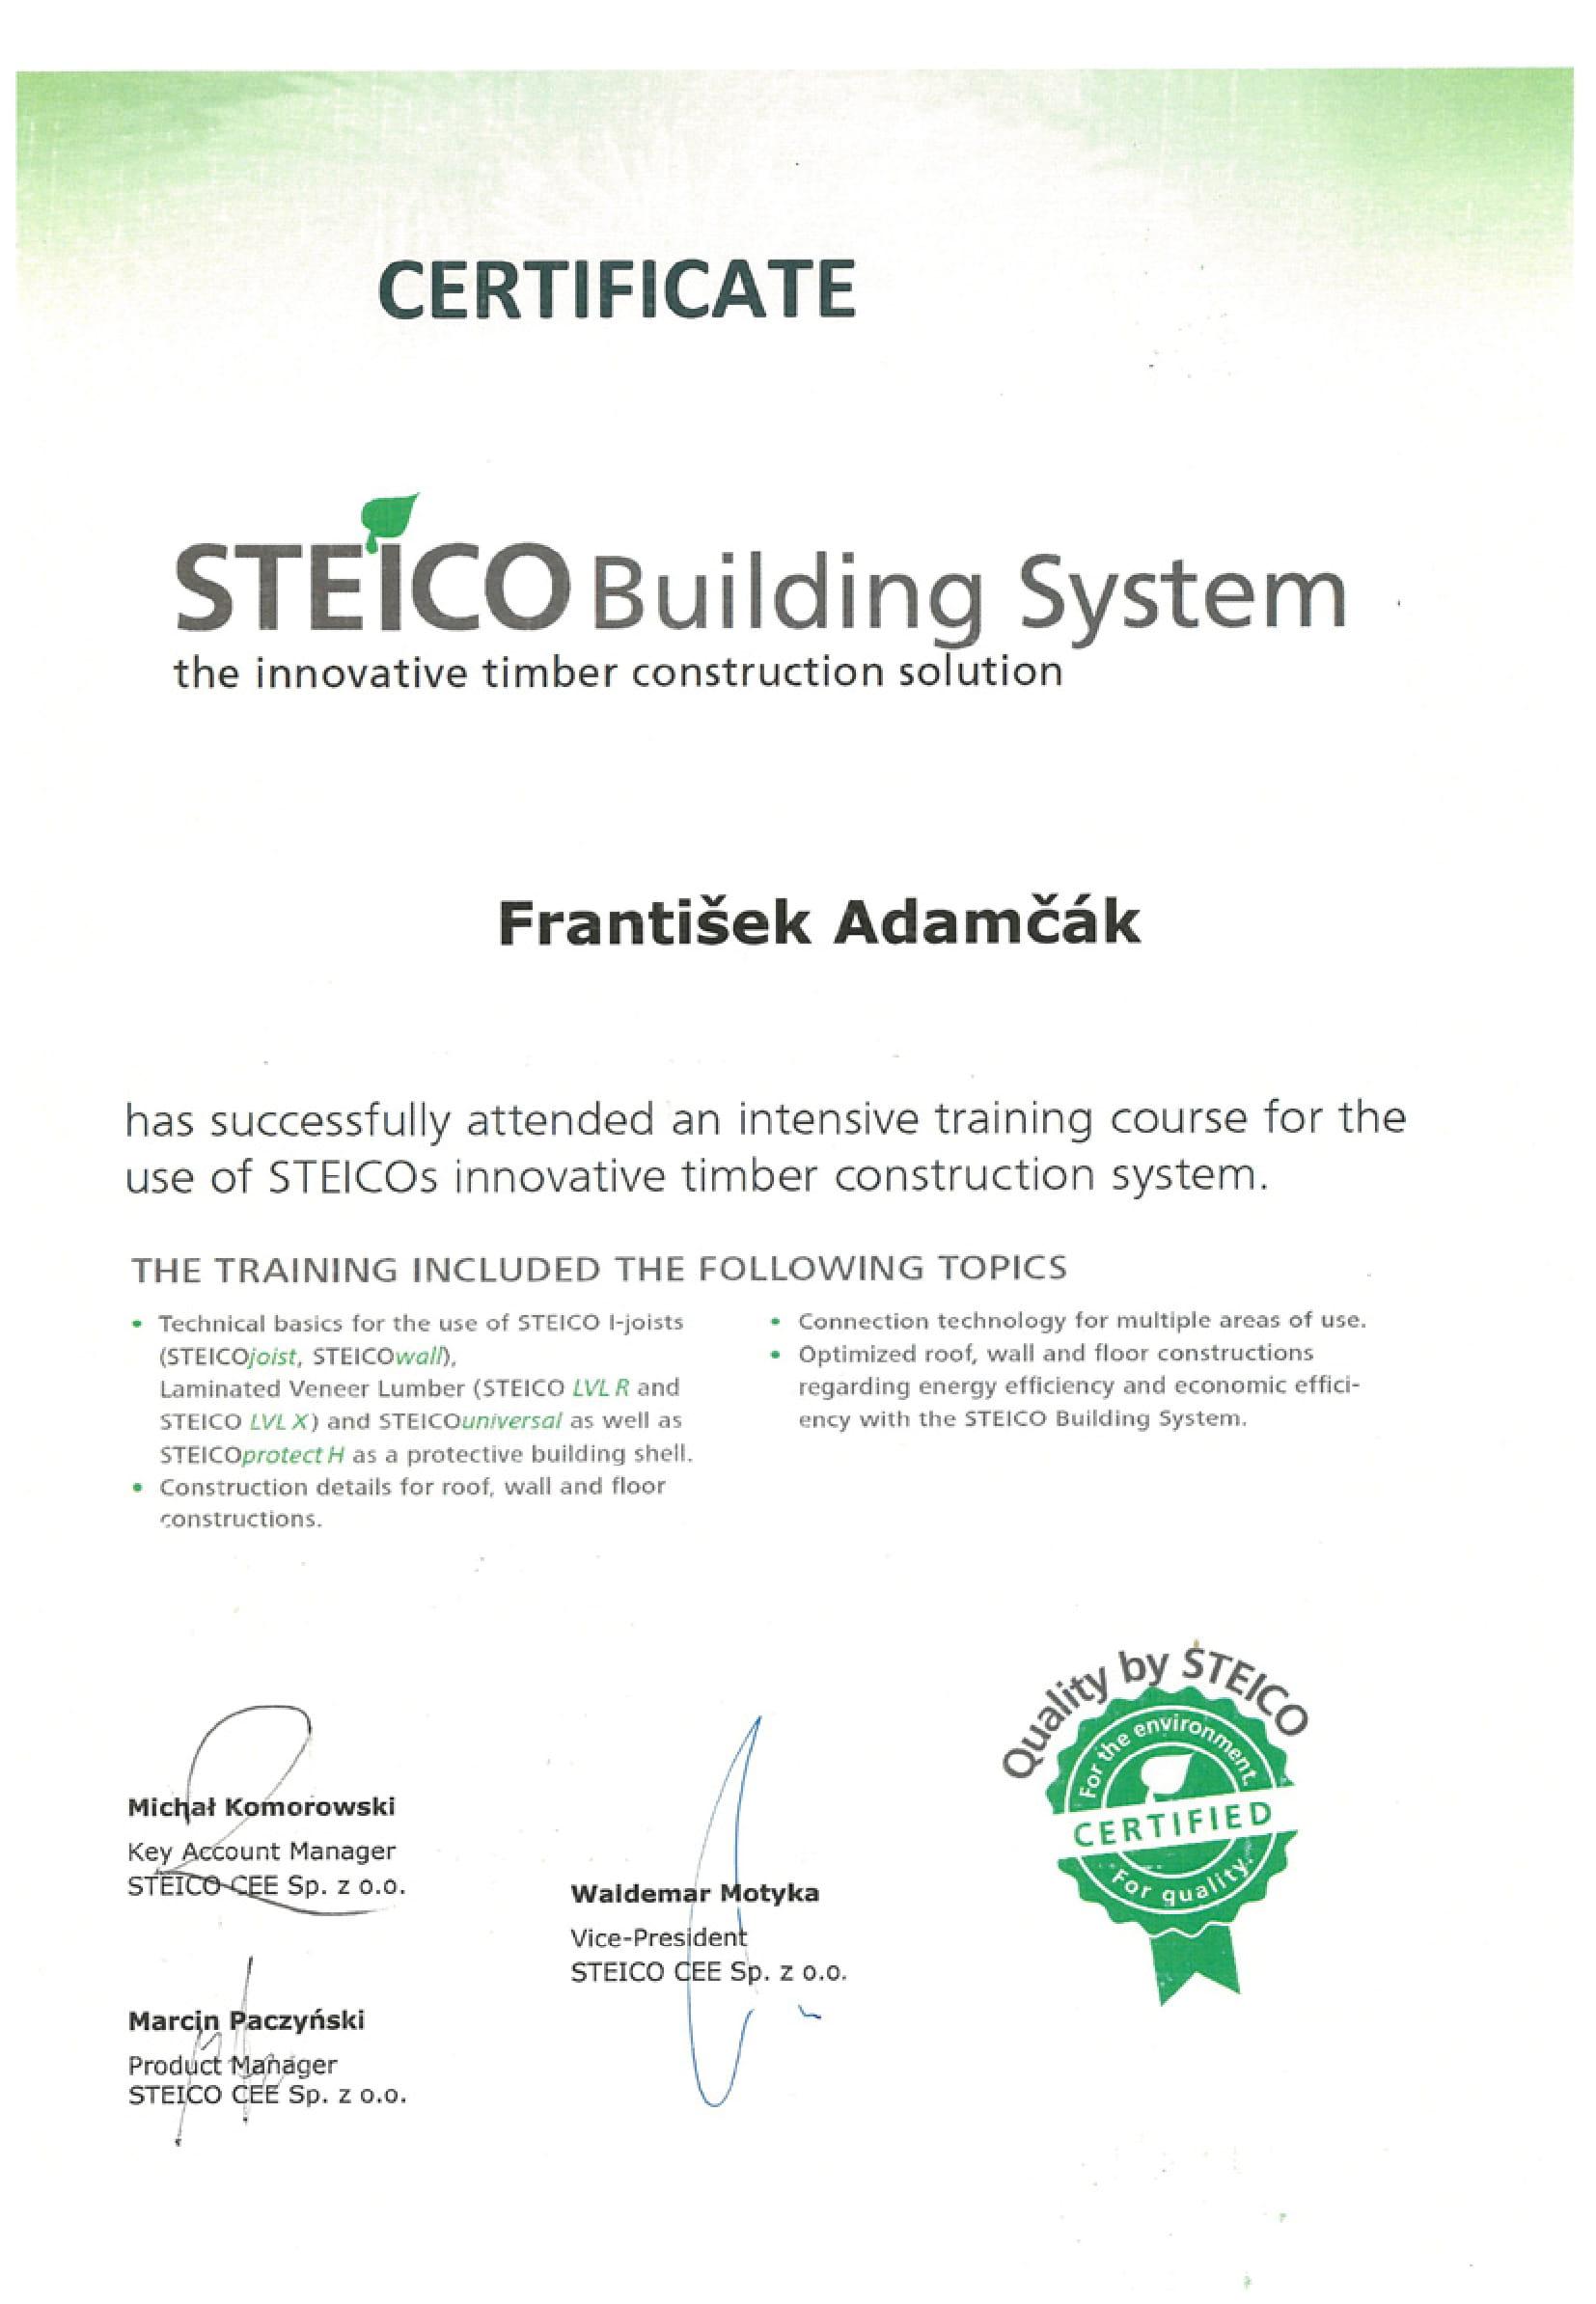 Certifikát STEICO pre konateľa spoločnosti